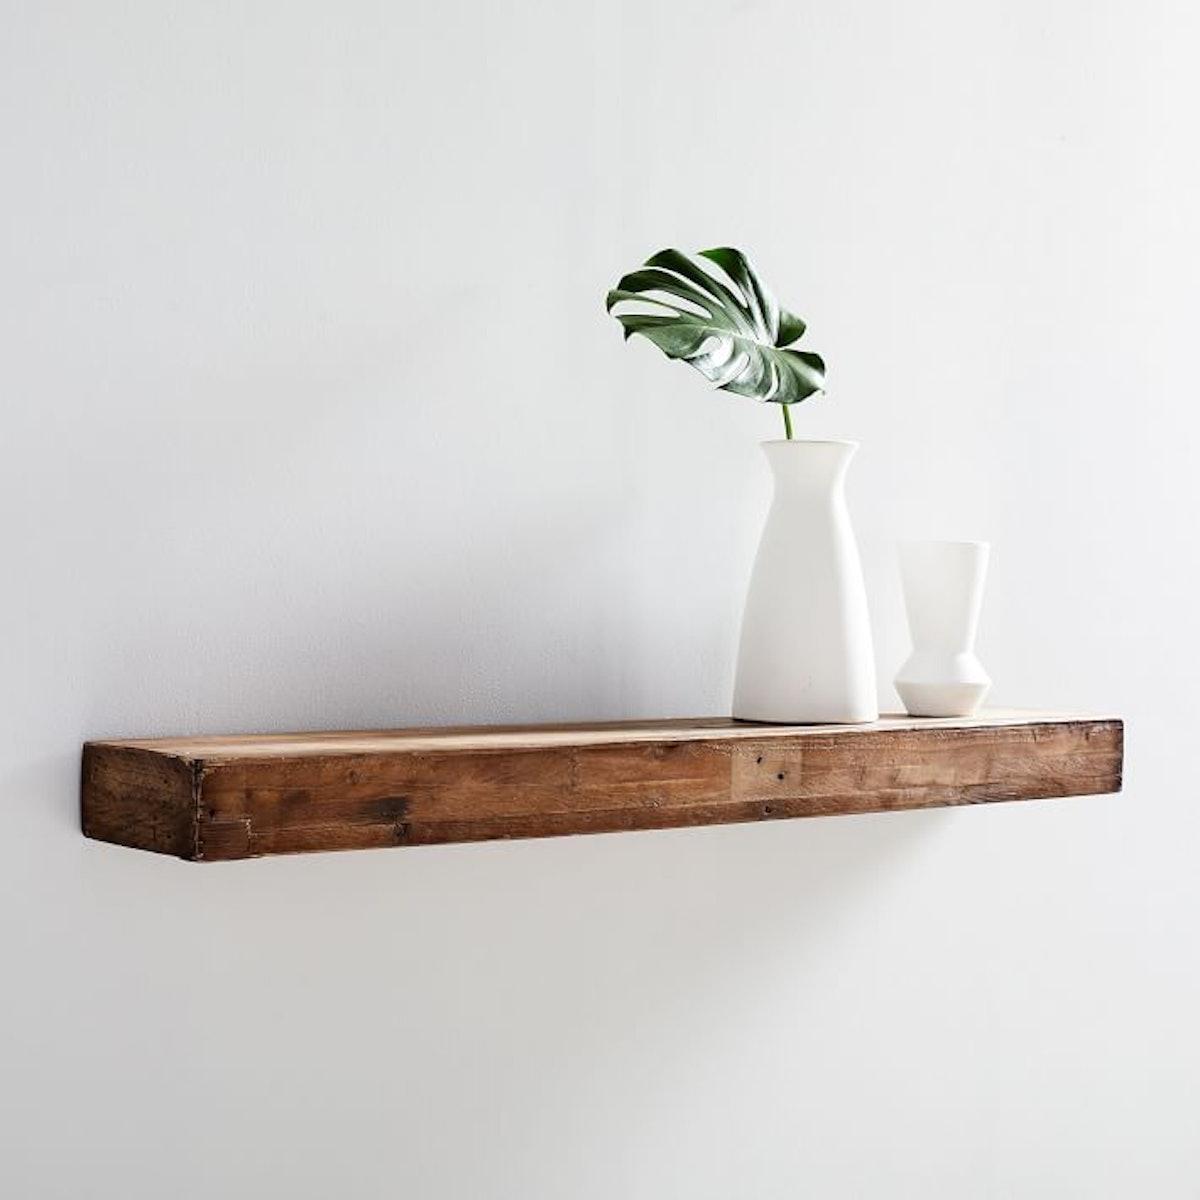 Reclaimed Wood Floating Shelf- 2Ft, Reclaimed Pine